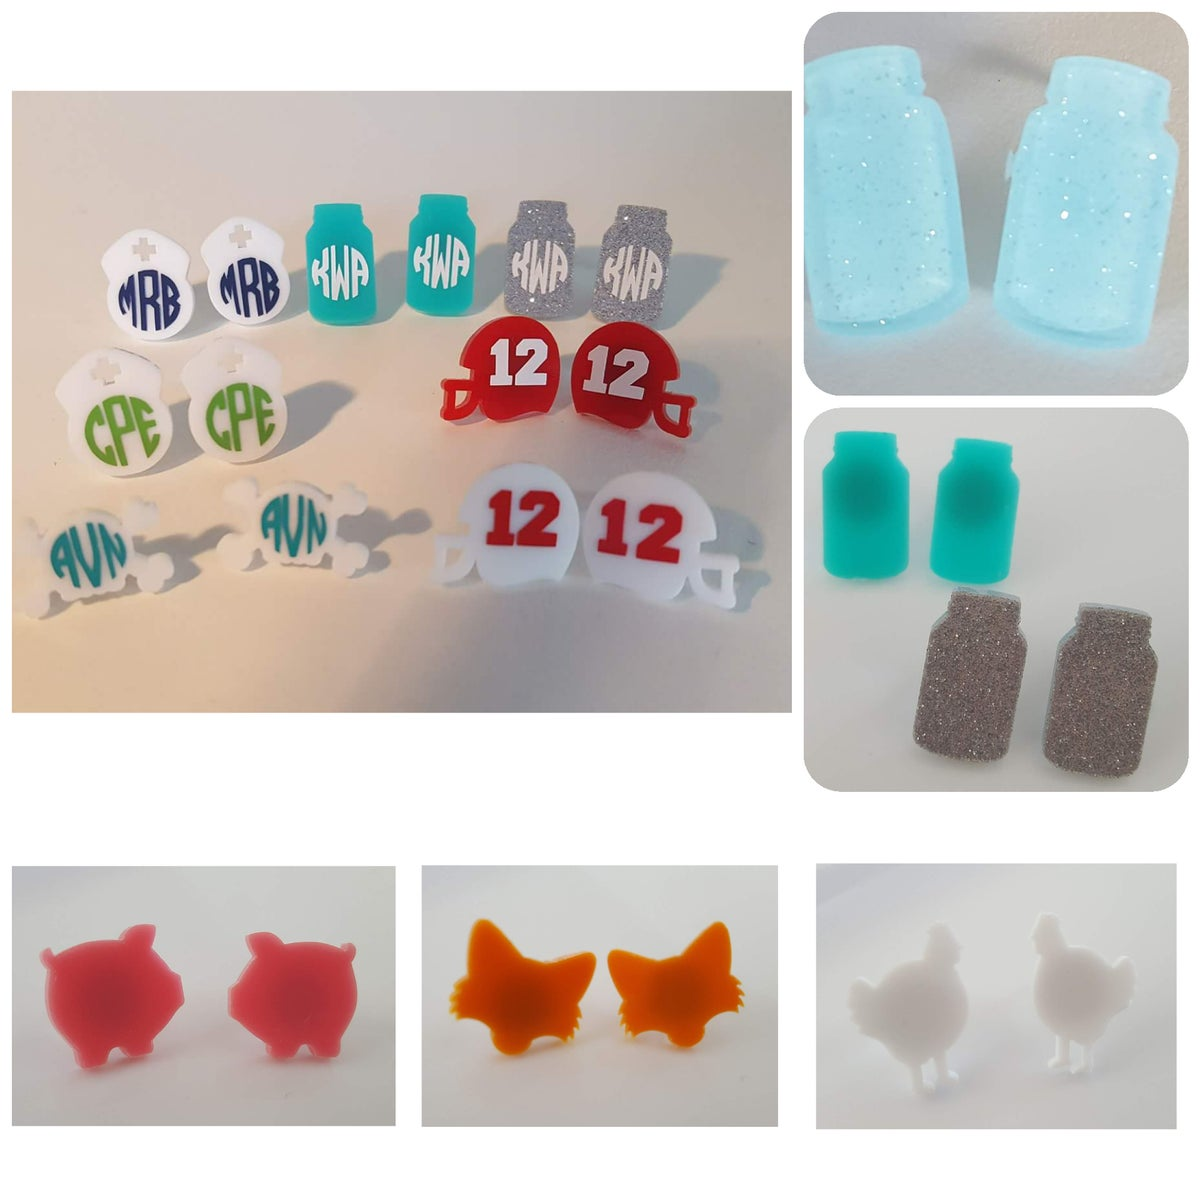 Image of Acrylic Shape Earrings